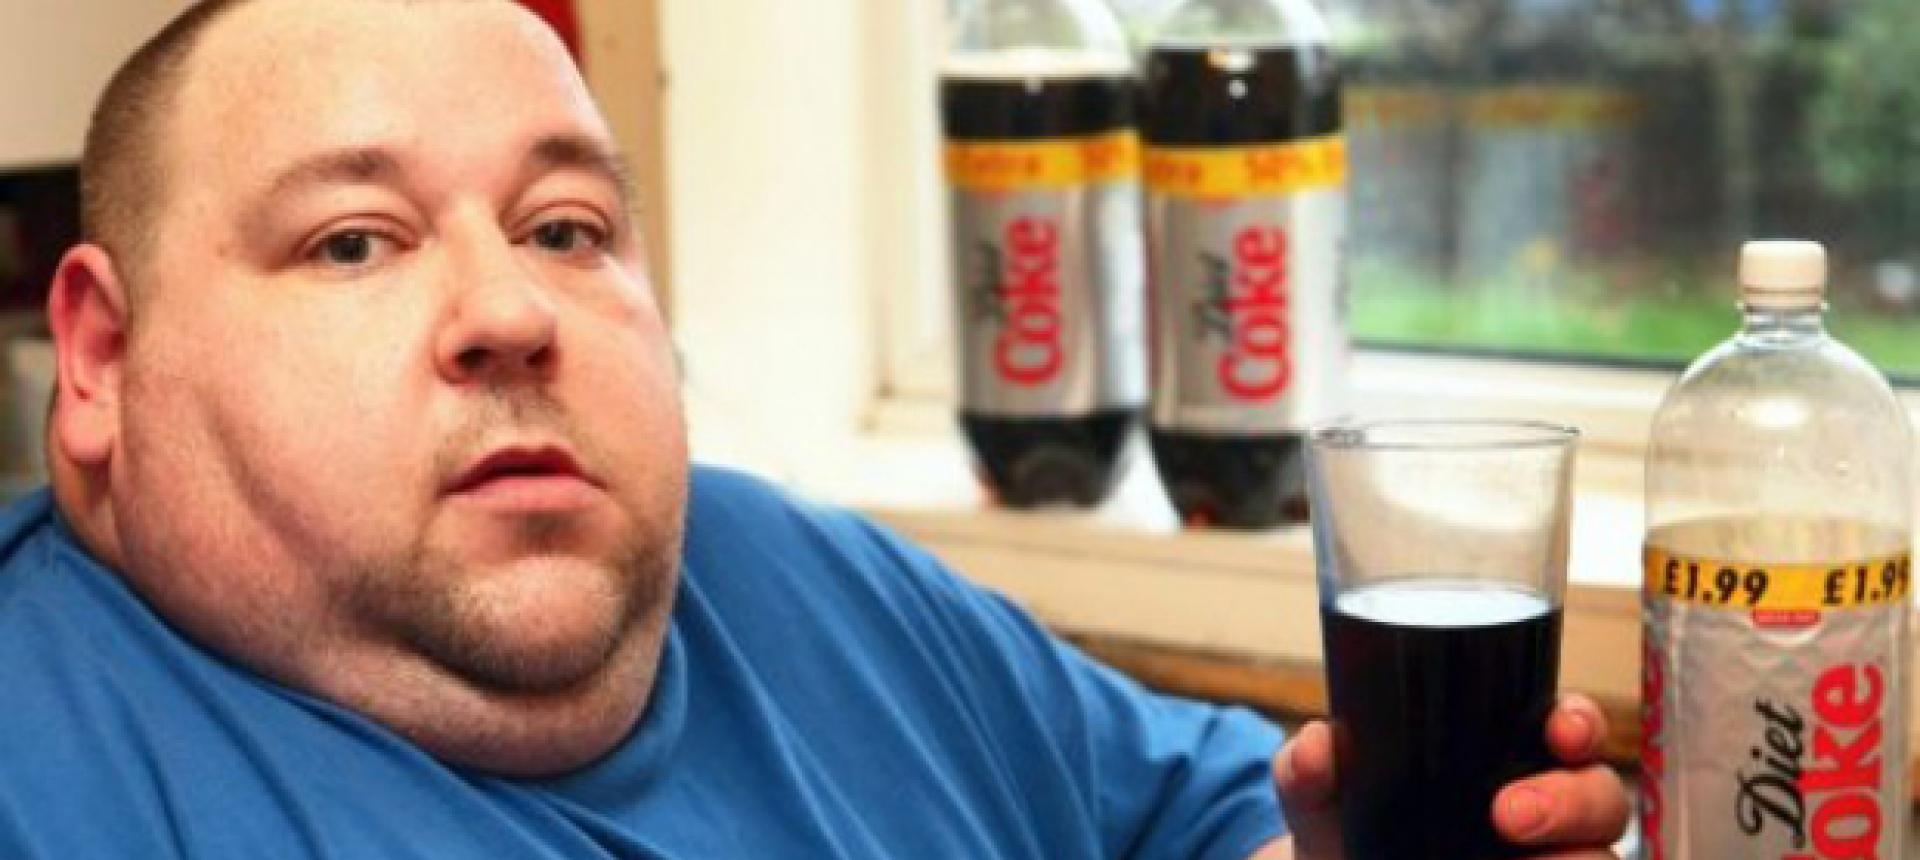 Что будет если пить пепси